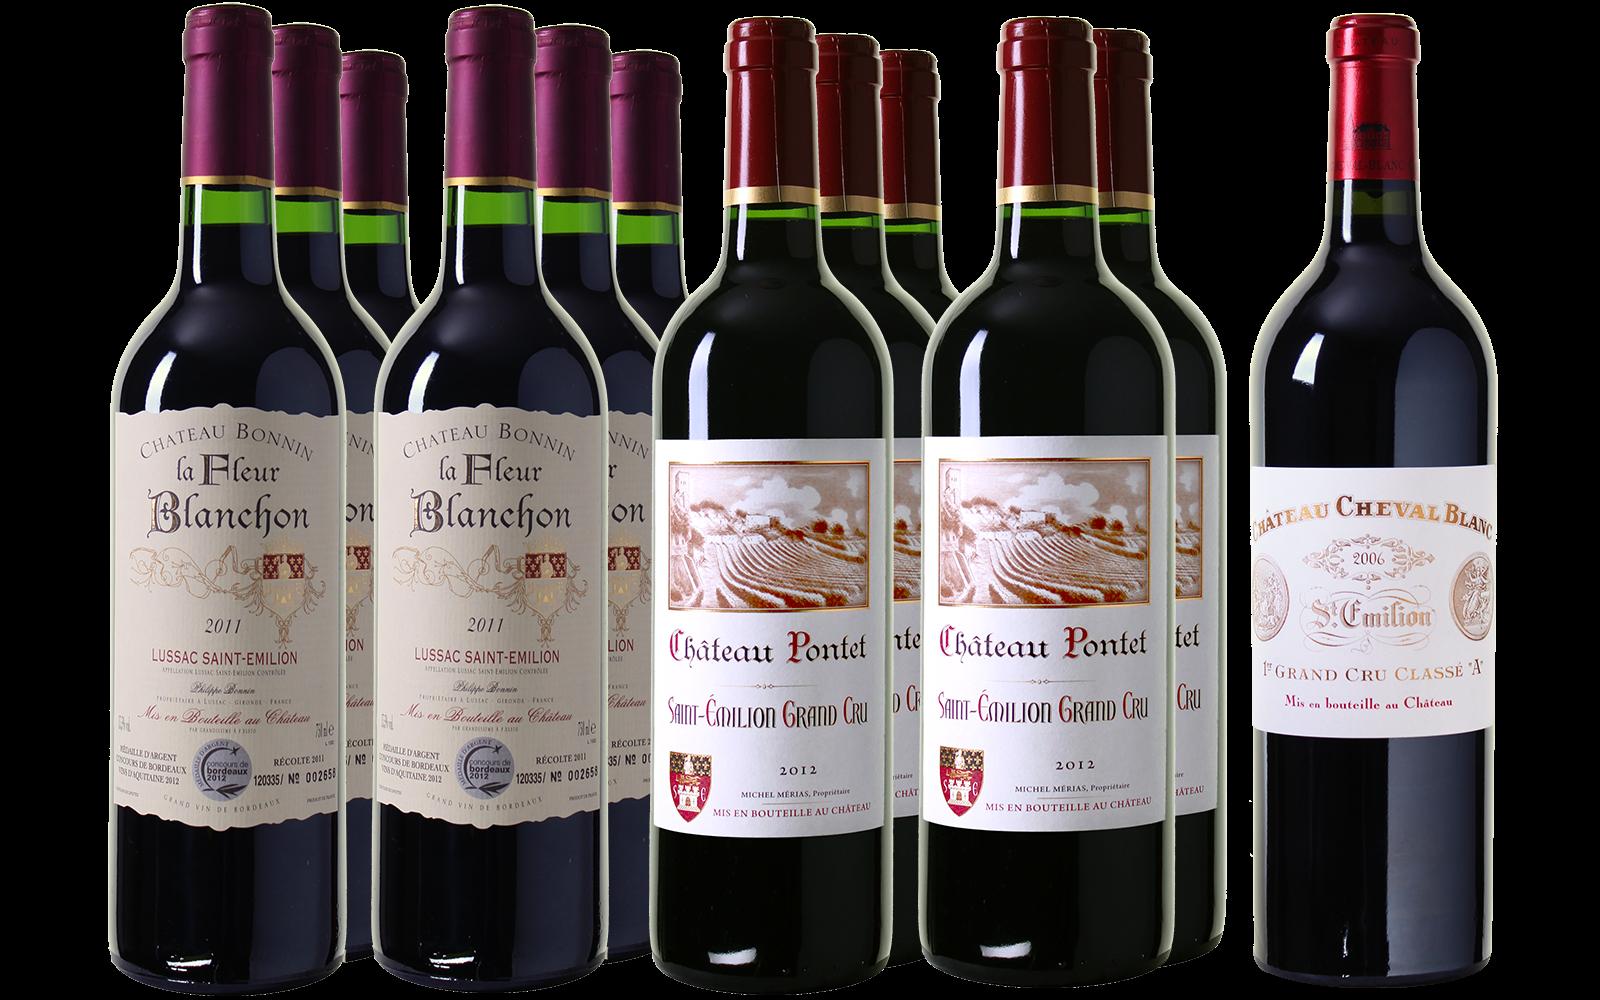 Sublieme Saint-Émilion Kist wijnbeurs.nl